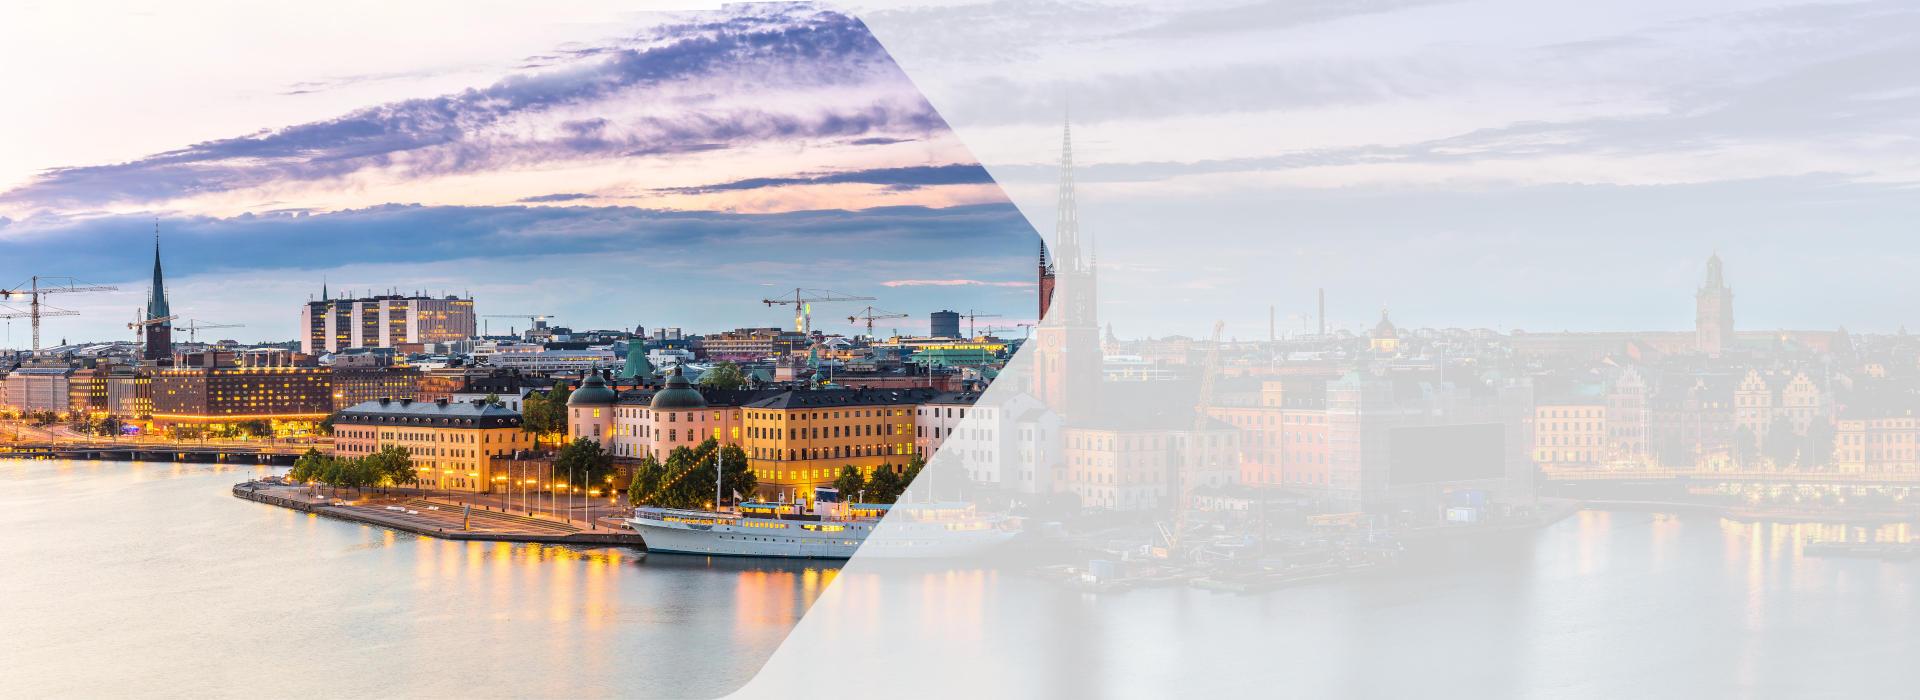 UITP Global Public Transport Summit 2019 | Juni